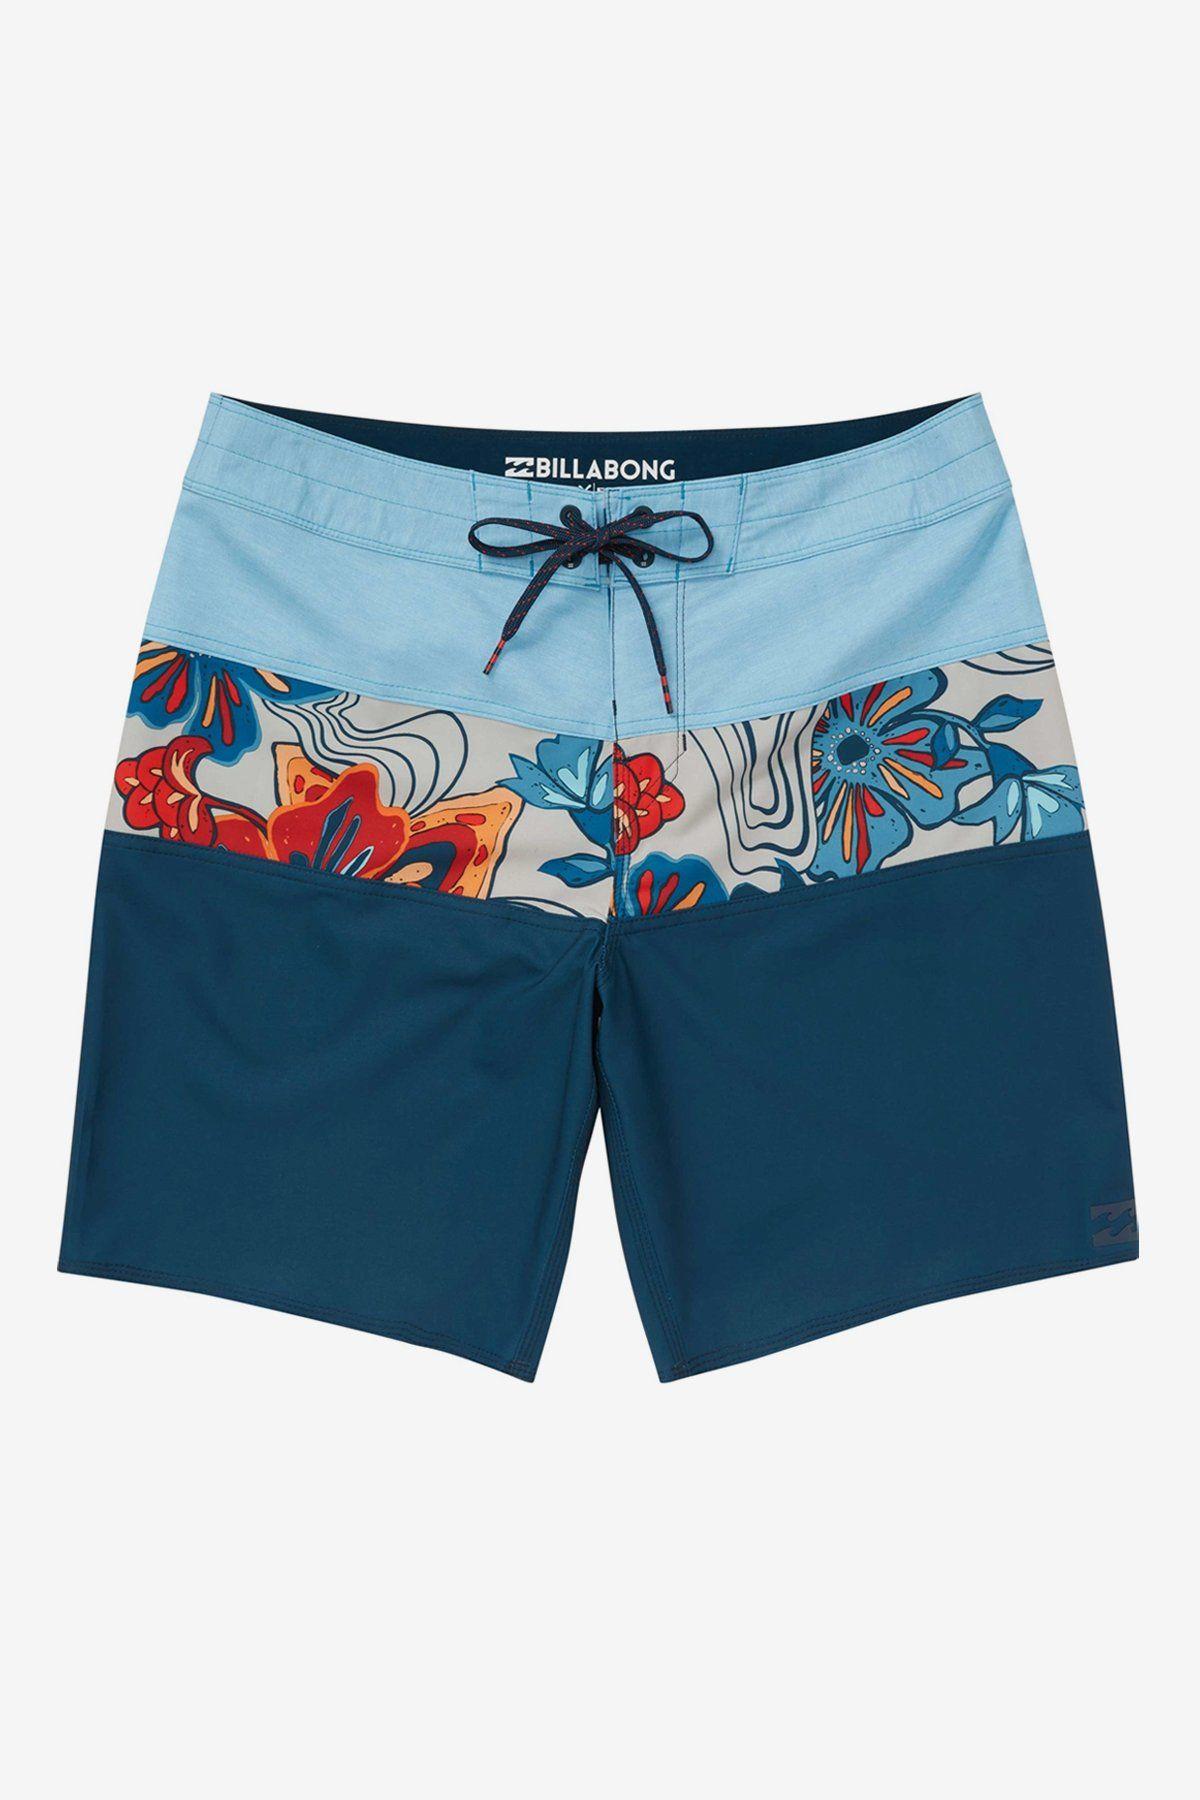 Billabong Tribong X Boys Swim Boardshorts | Mens boardshorts, Board shorts,  Sport shorts men